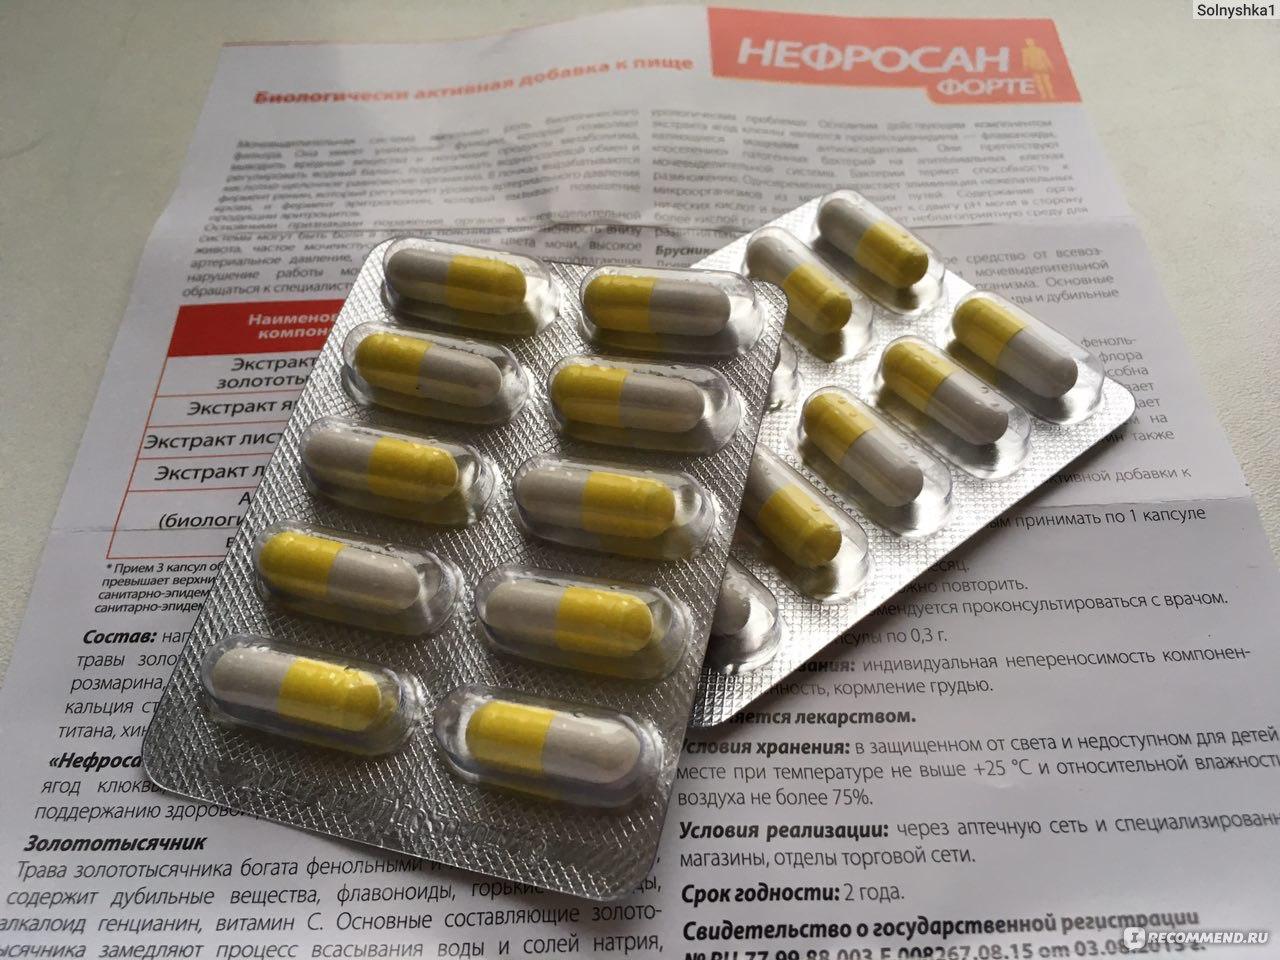 Описание препаратов нефросан и нефросан форте